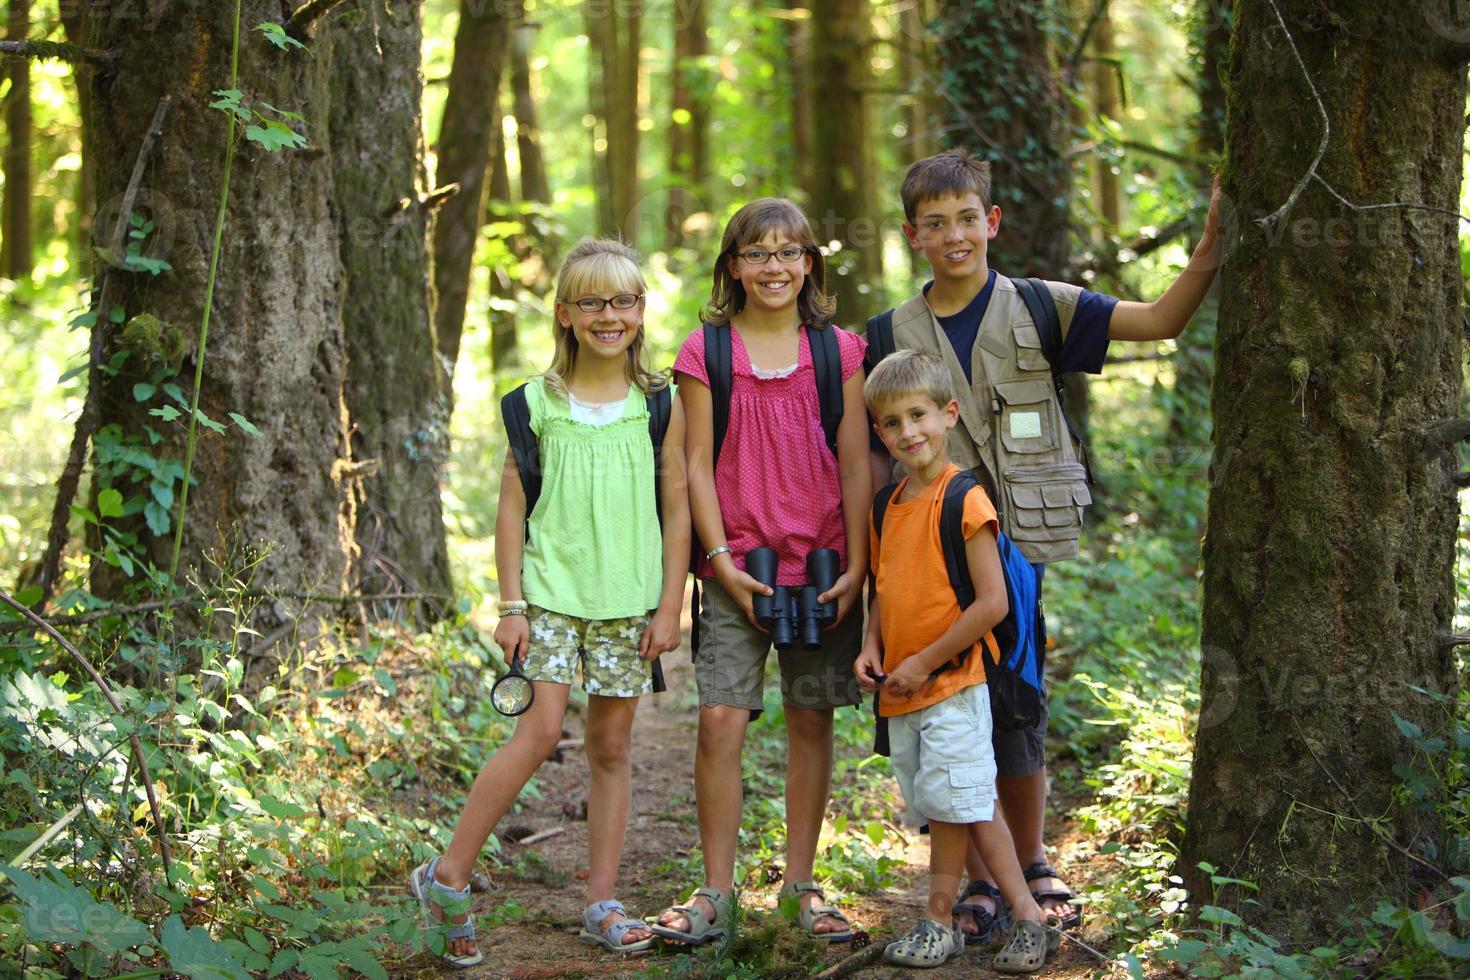 Porträt von Kindern im Wald foto